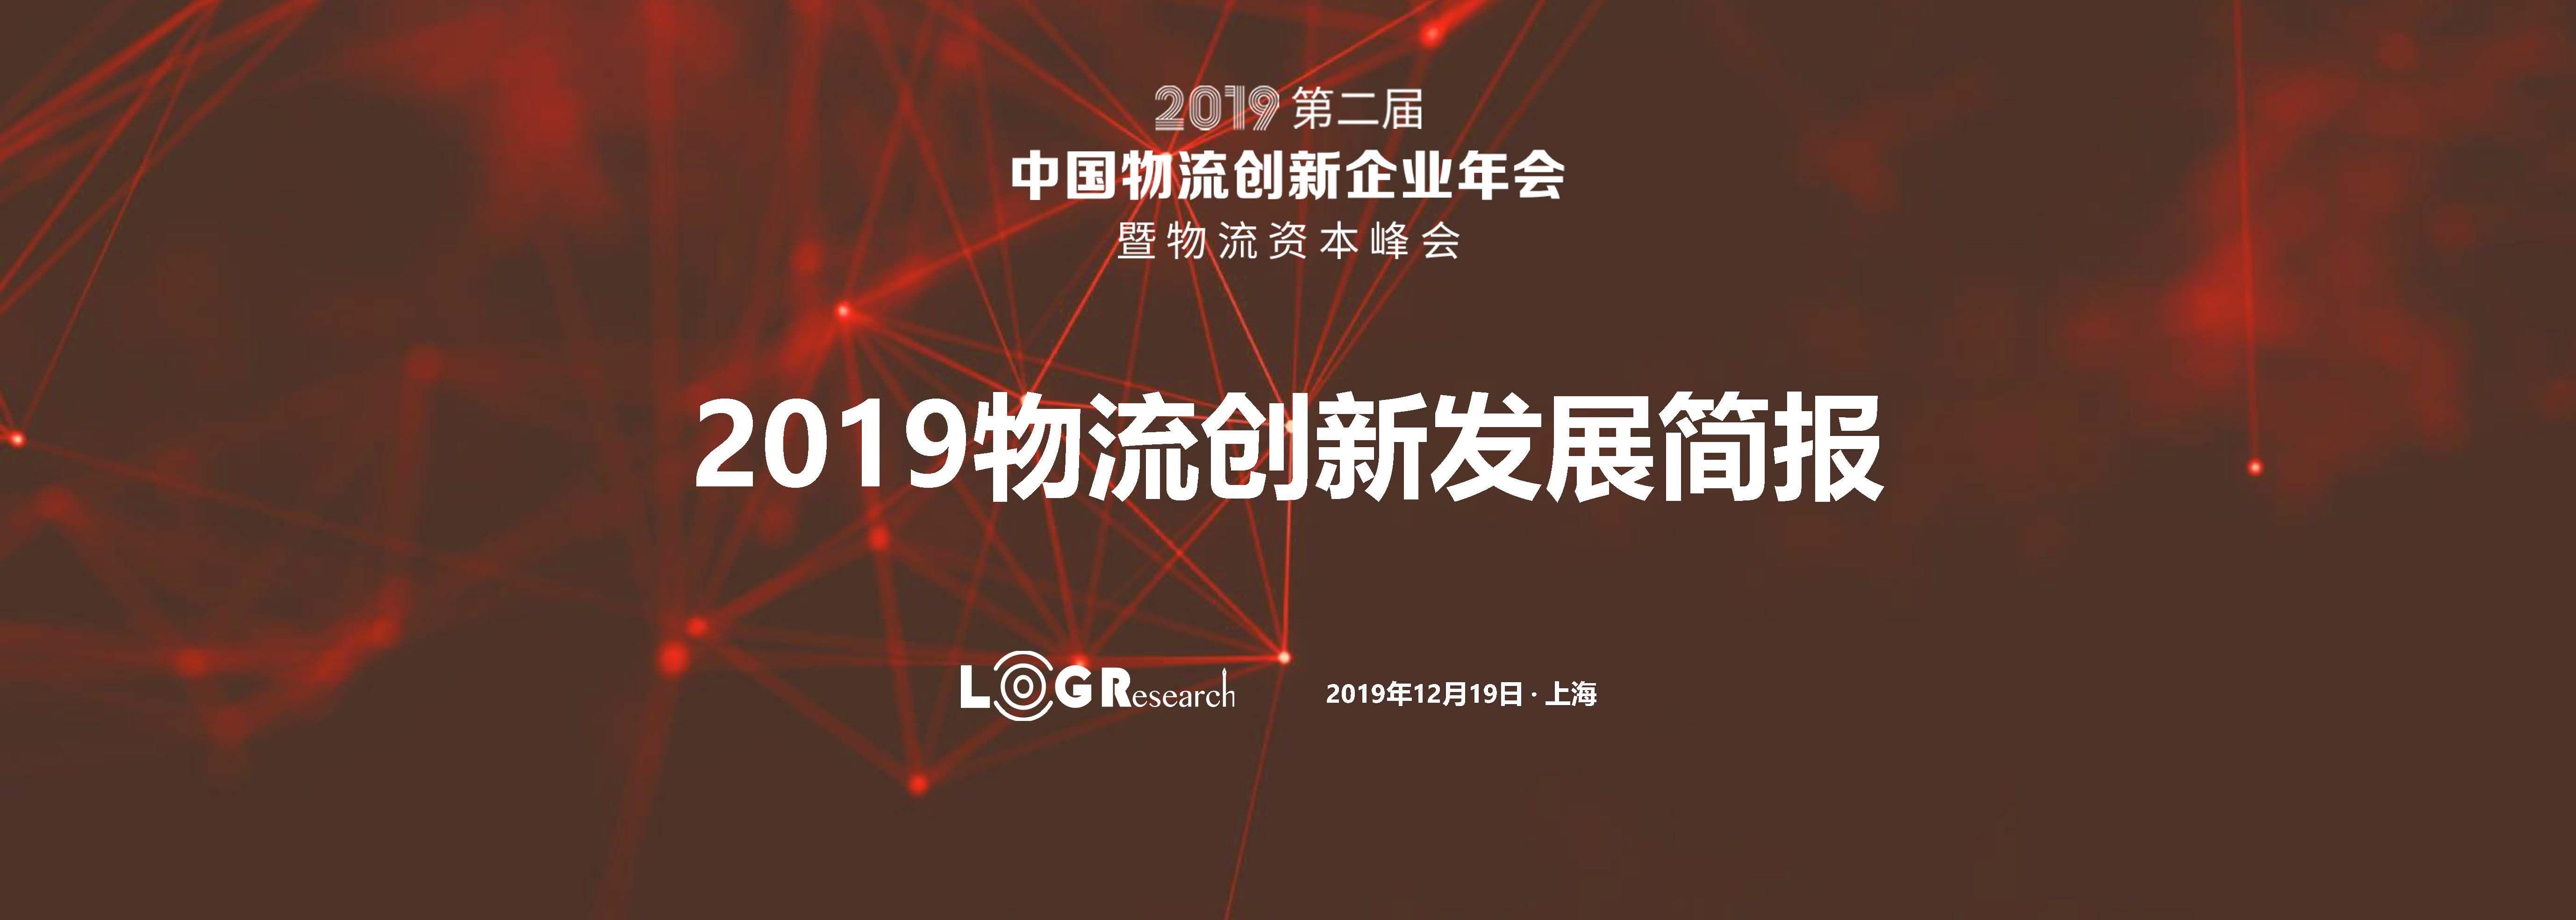 2019物流创新发展简报